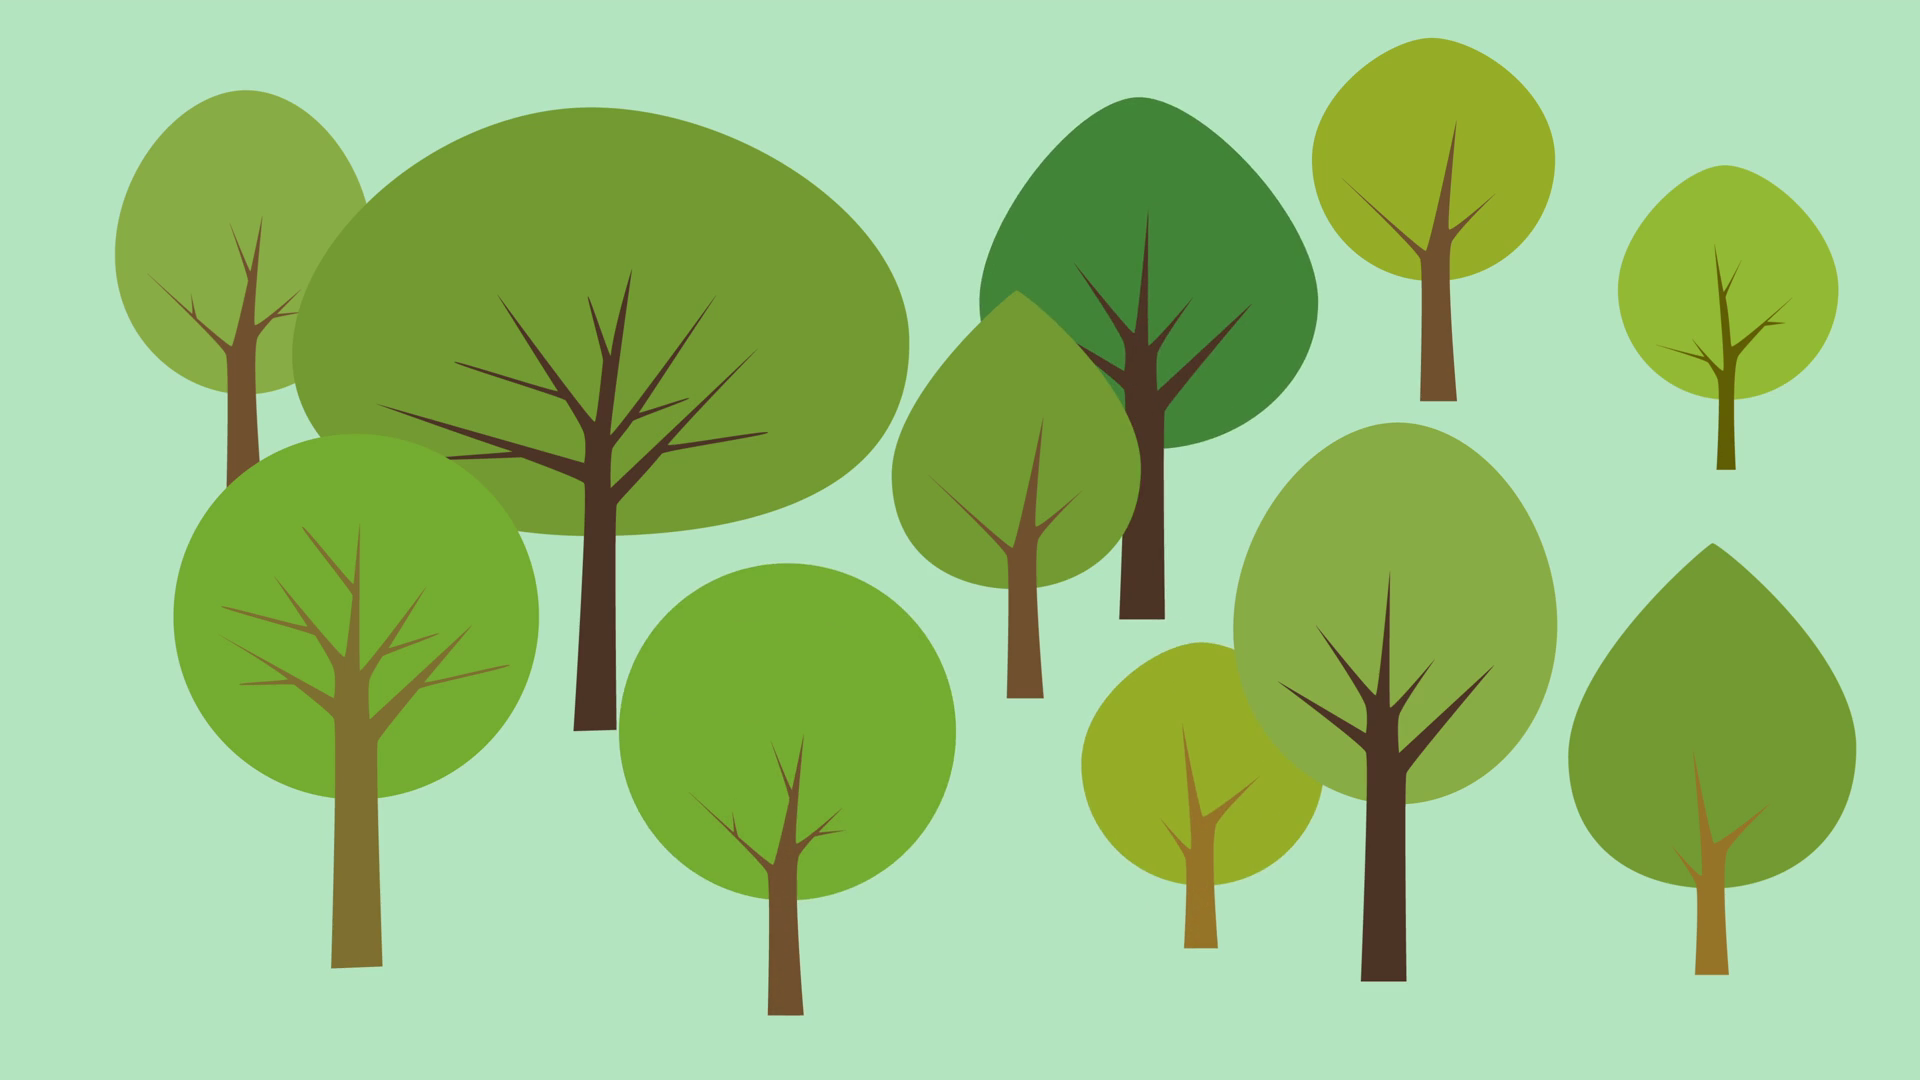 árvores podem guardar curiosidades sobre o lugar que habitam. Confira